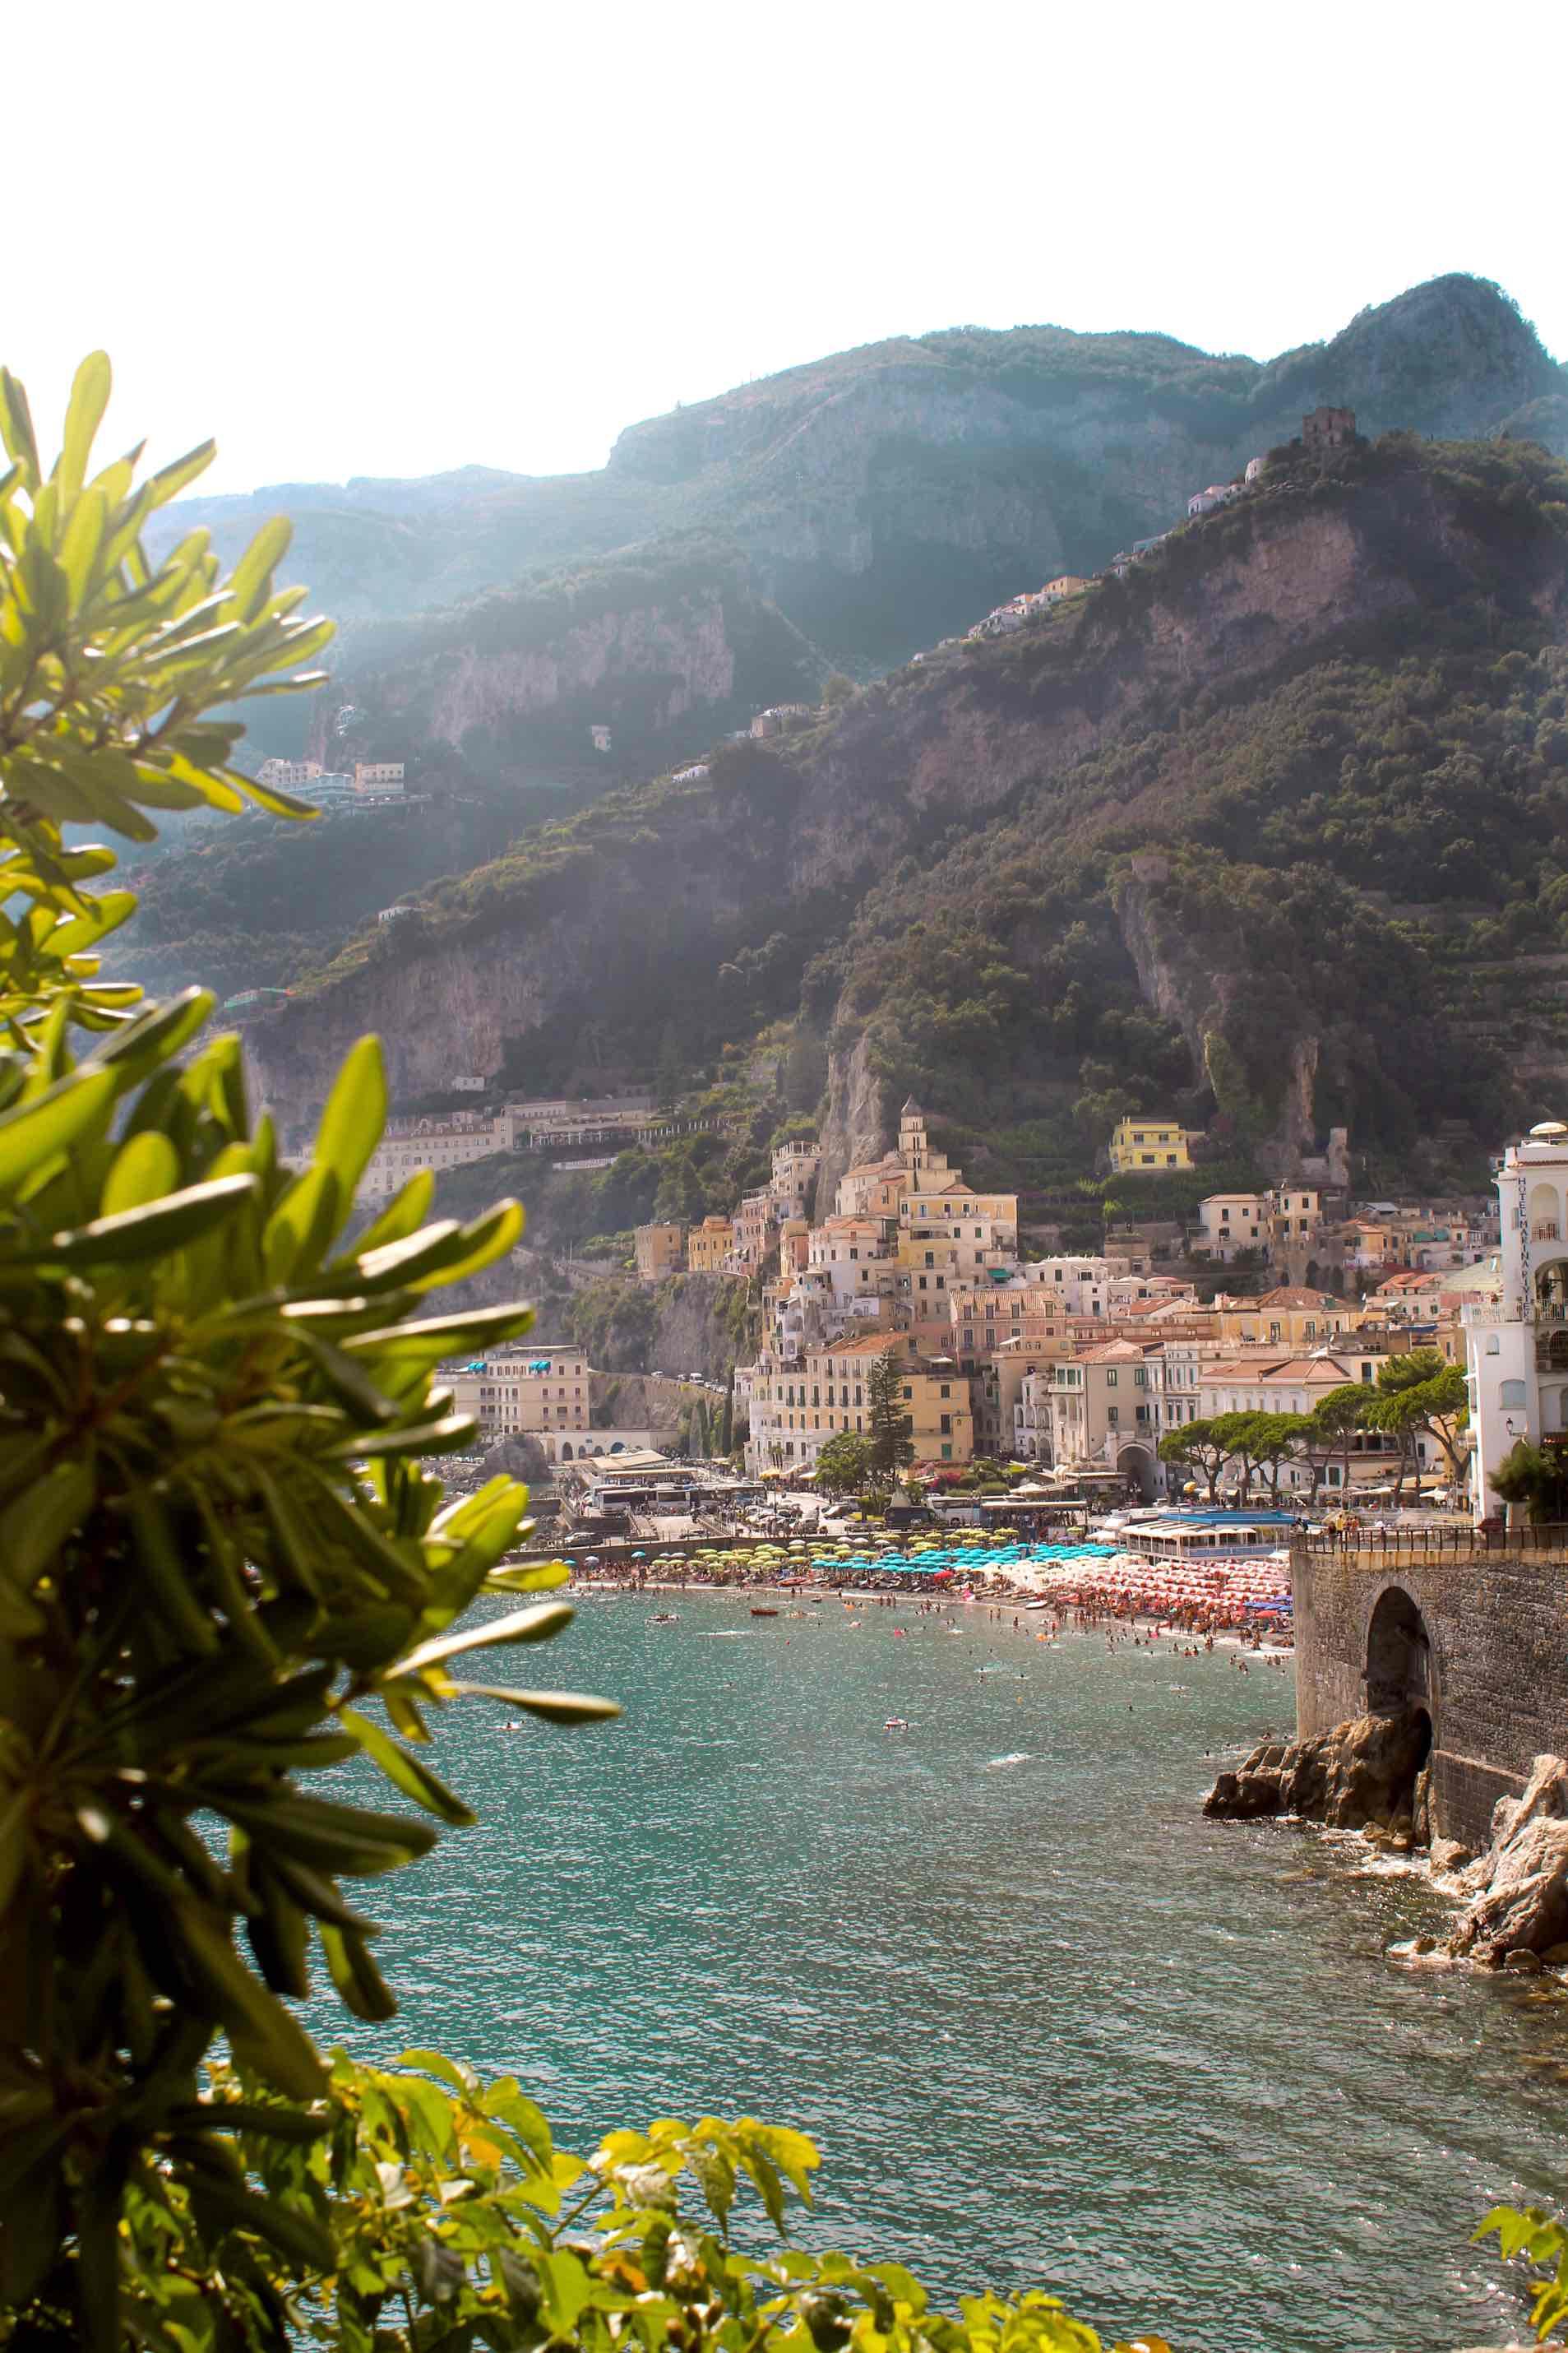 Z Neapolu na amalfské pobrežie - tipy a triky